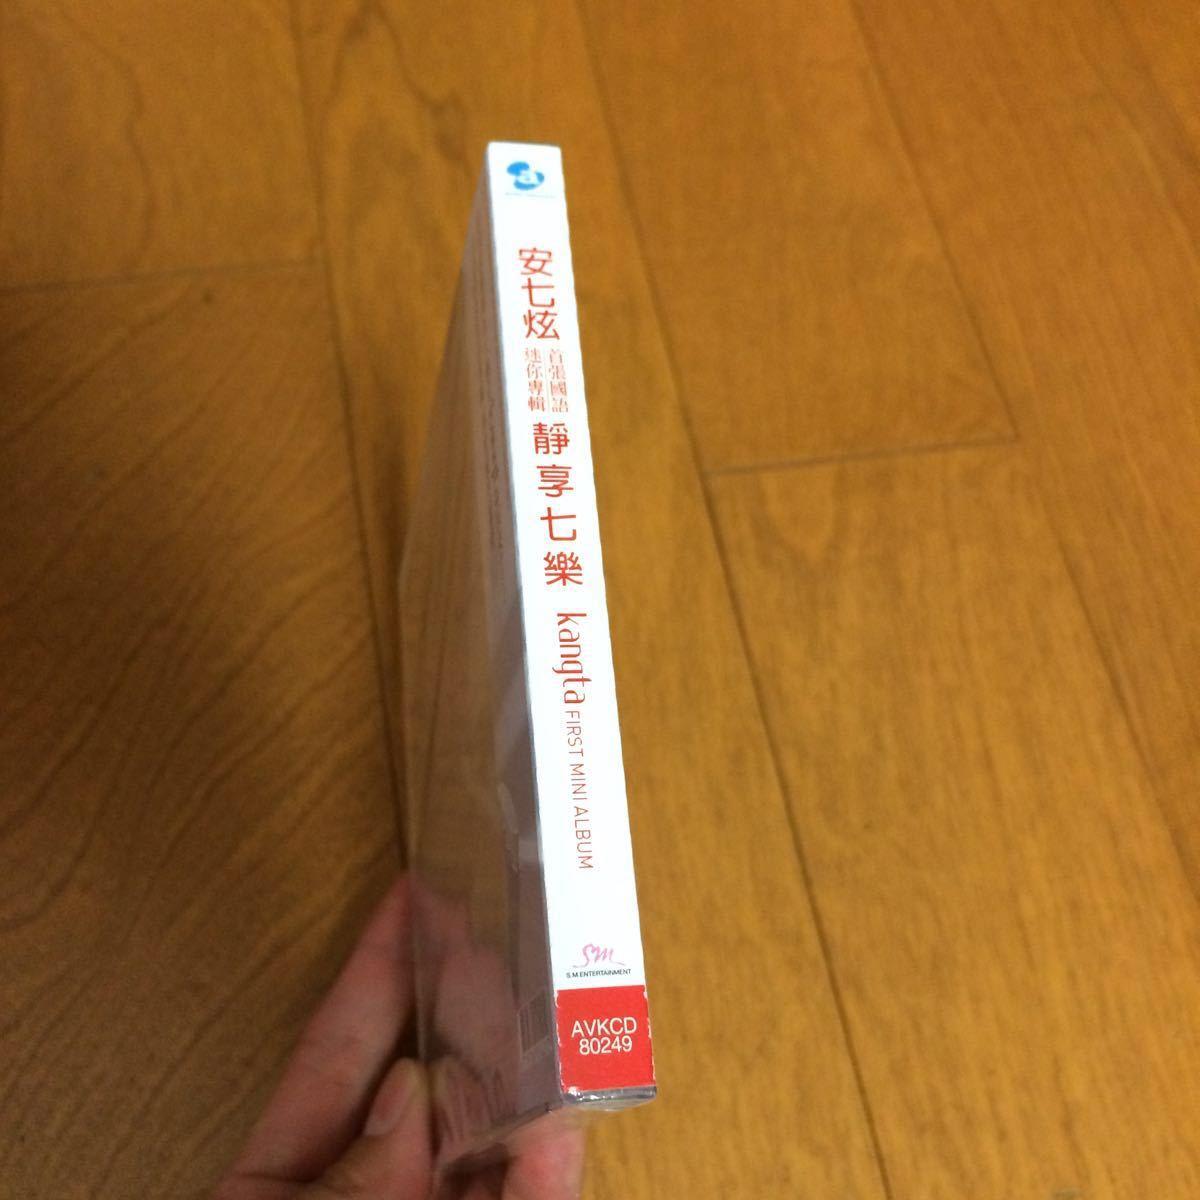 【新品・ケース割れ有り】カンタ KANGTA 「安七炫 FIRST MINI ALBUM 靜享七樂」中華圏発売版CD ミニアルバム 輸入盤 K-Pop_画像5